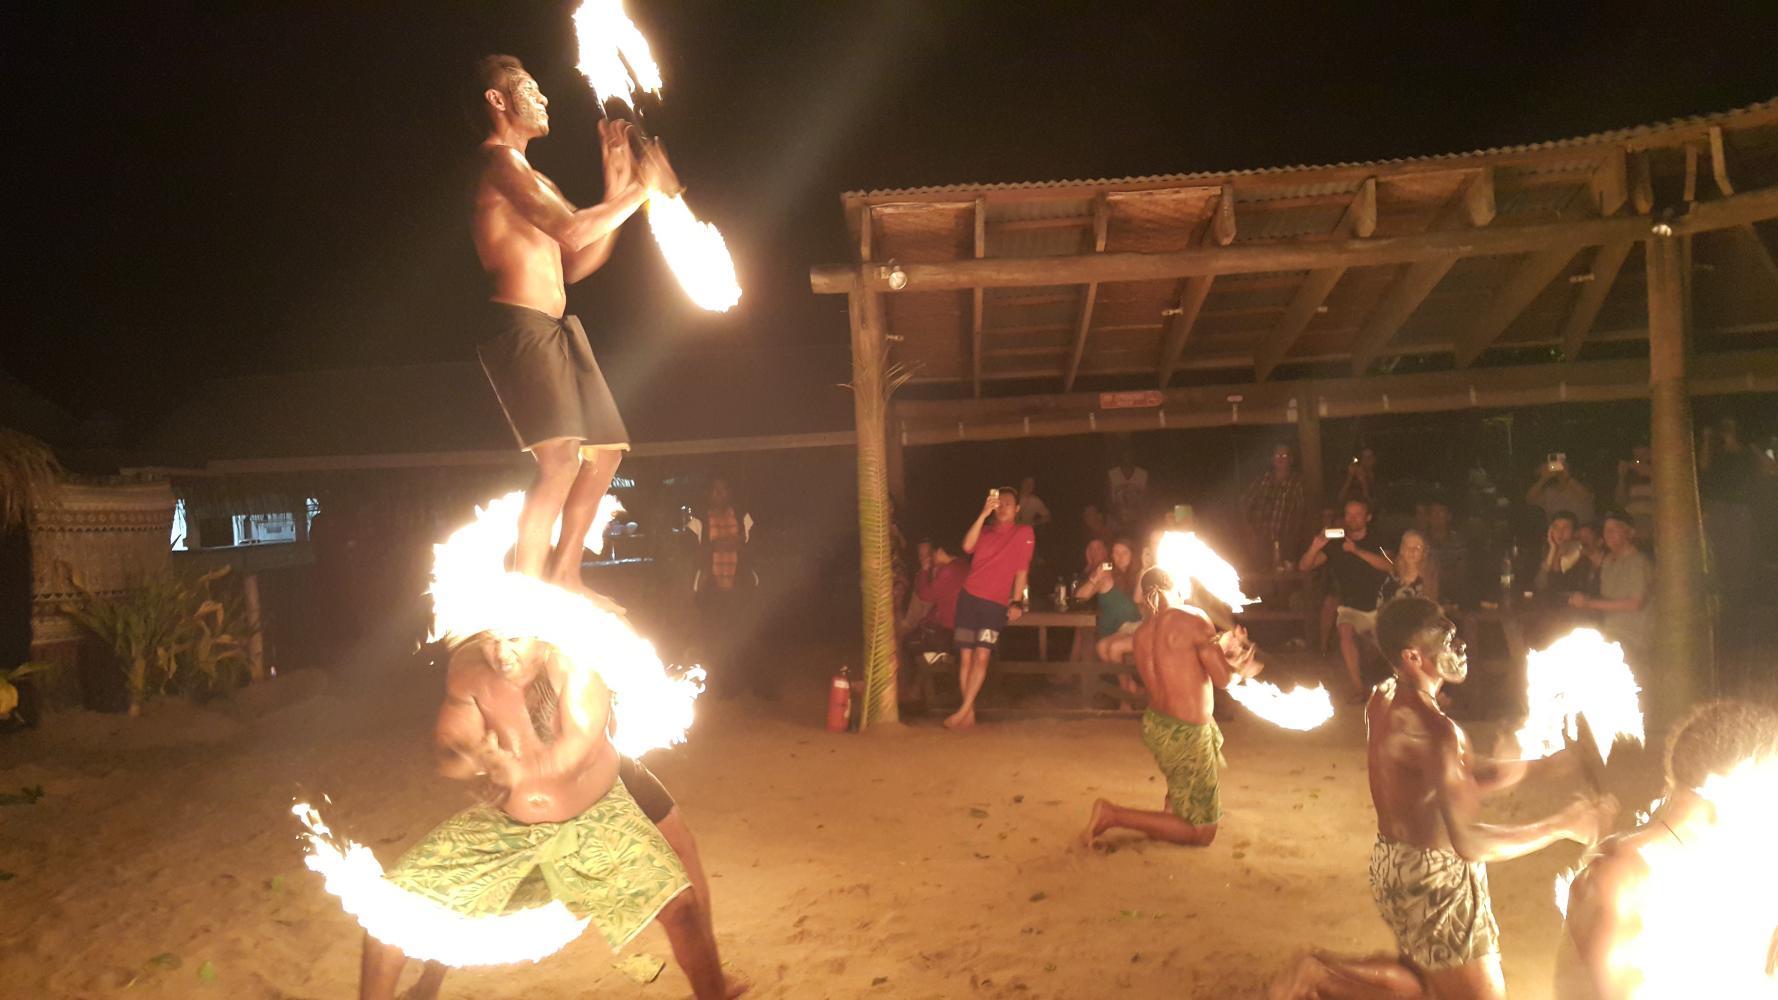 Fijian Dance Show at Robinson Crusoe Island in Fiji (6)